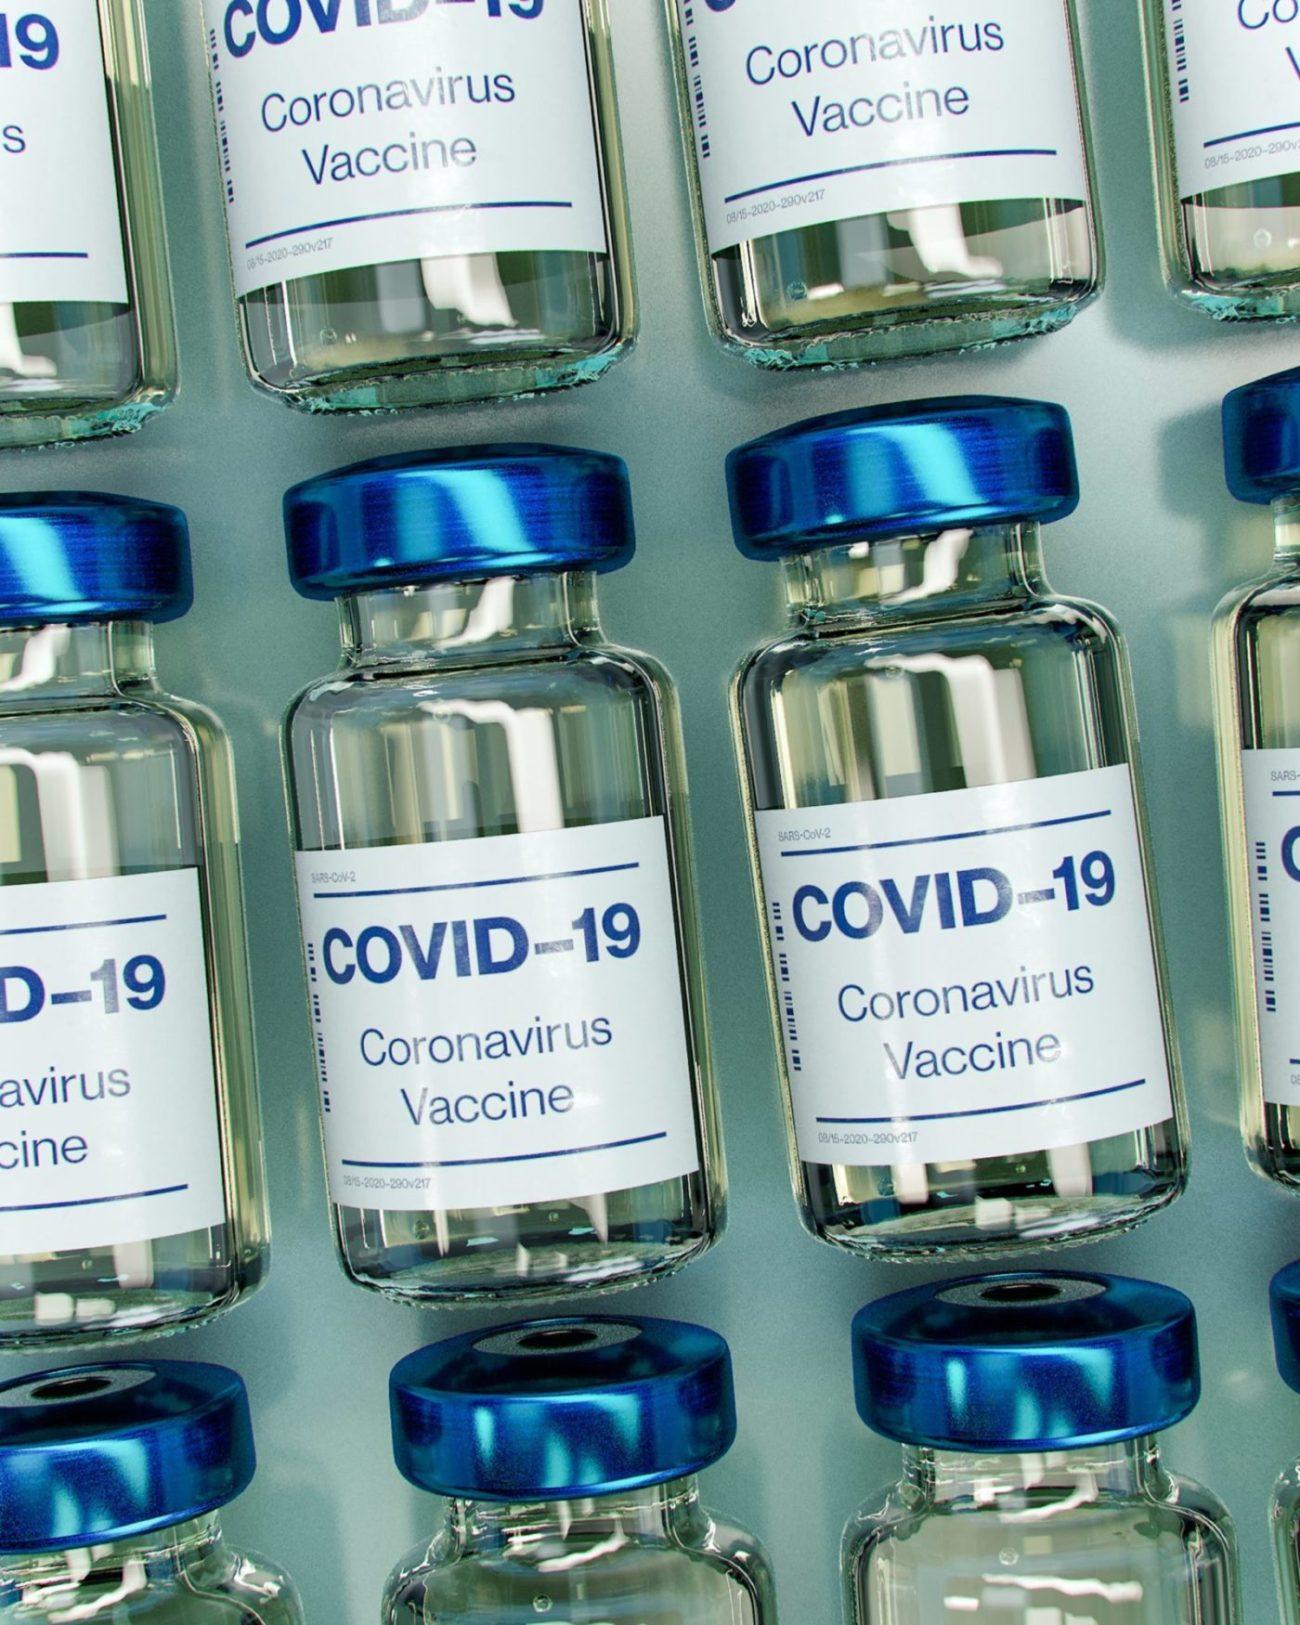 Brevetti, vaccini, informazioni e dati